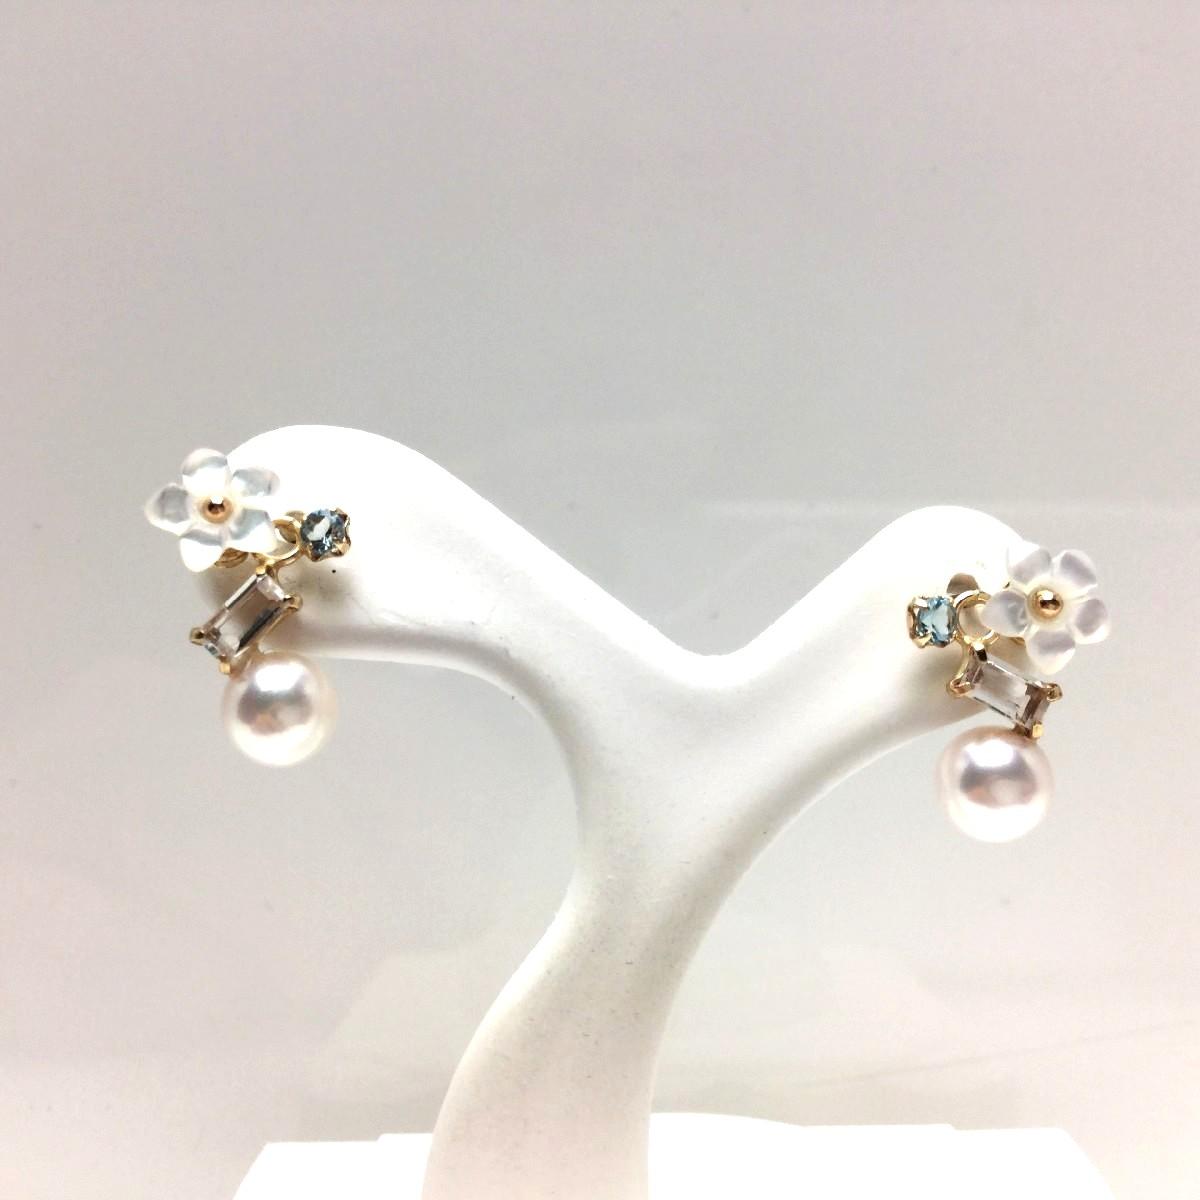 【10%OFF】真珠 ピアス パール アコヤ真珠 スタッド 5.0mm ホワイトピンク K10 イエローゴールド 天然石 67015 イソワパール